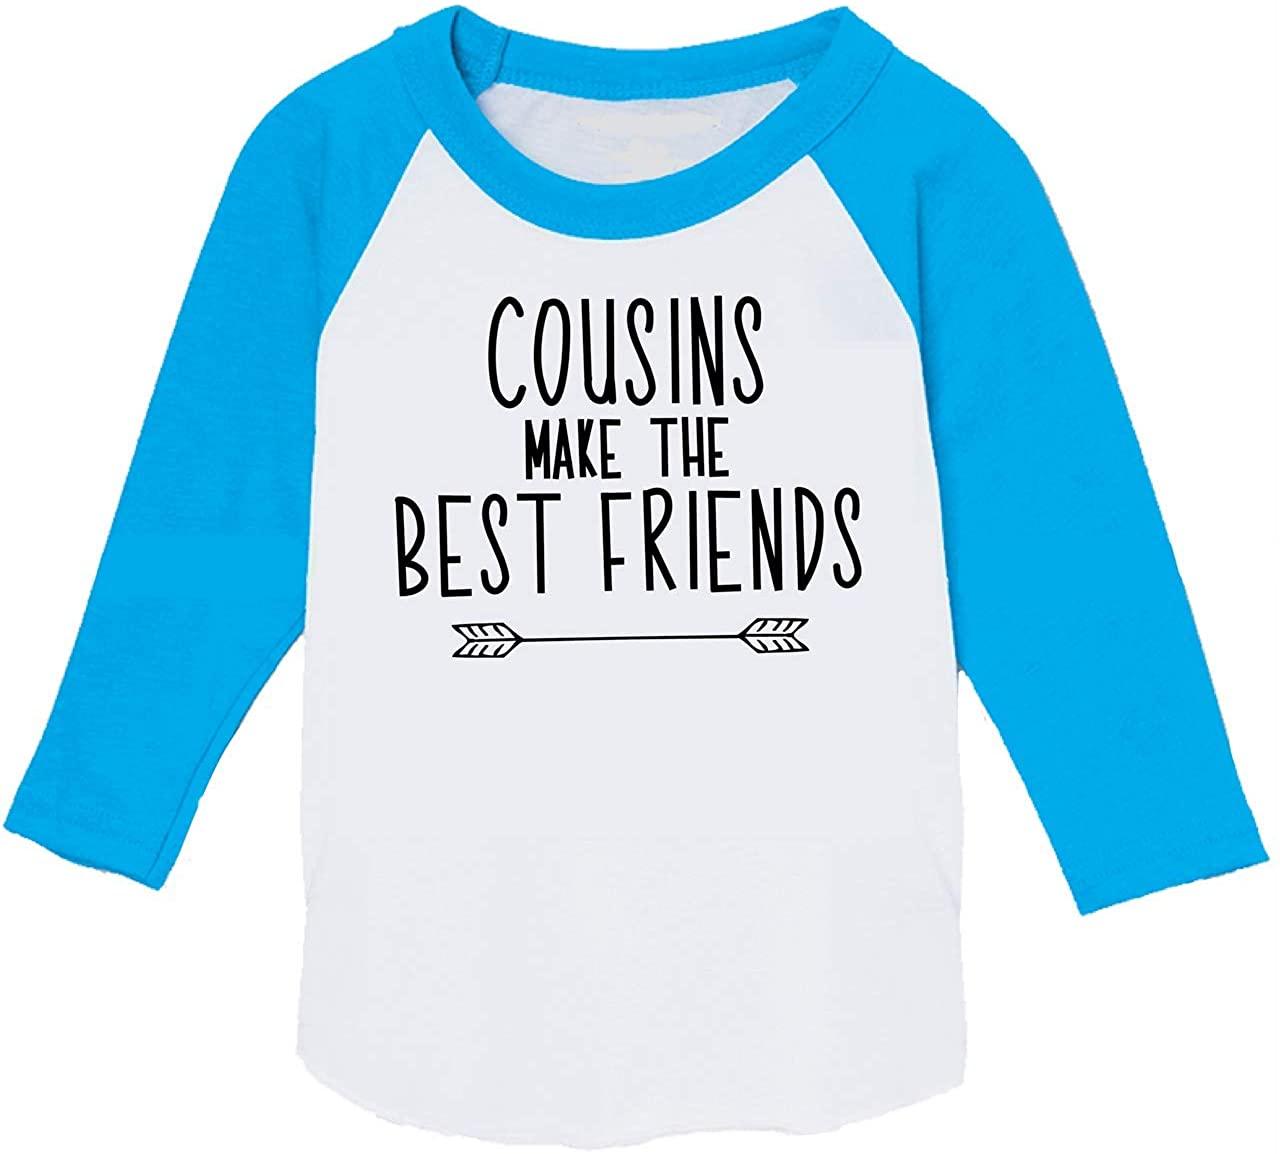 Cousins Make The Best Friends, Matching Cousin Shirts